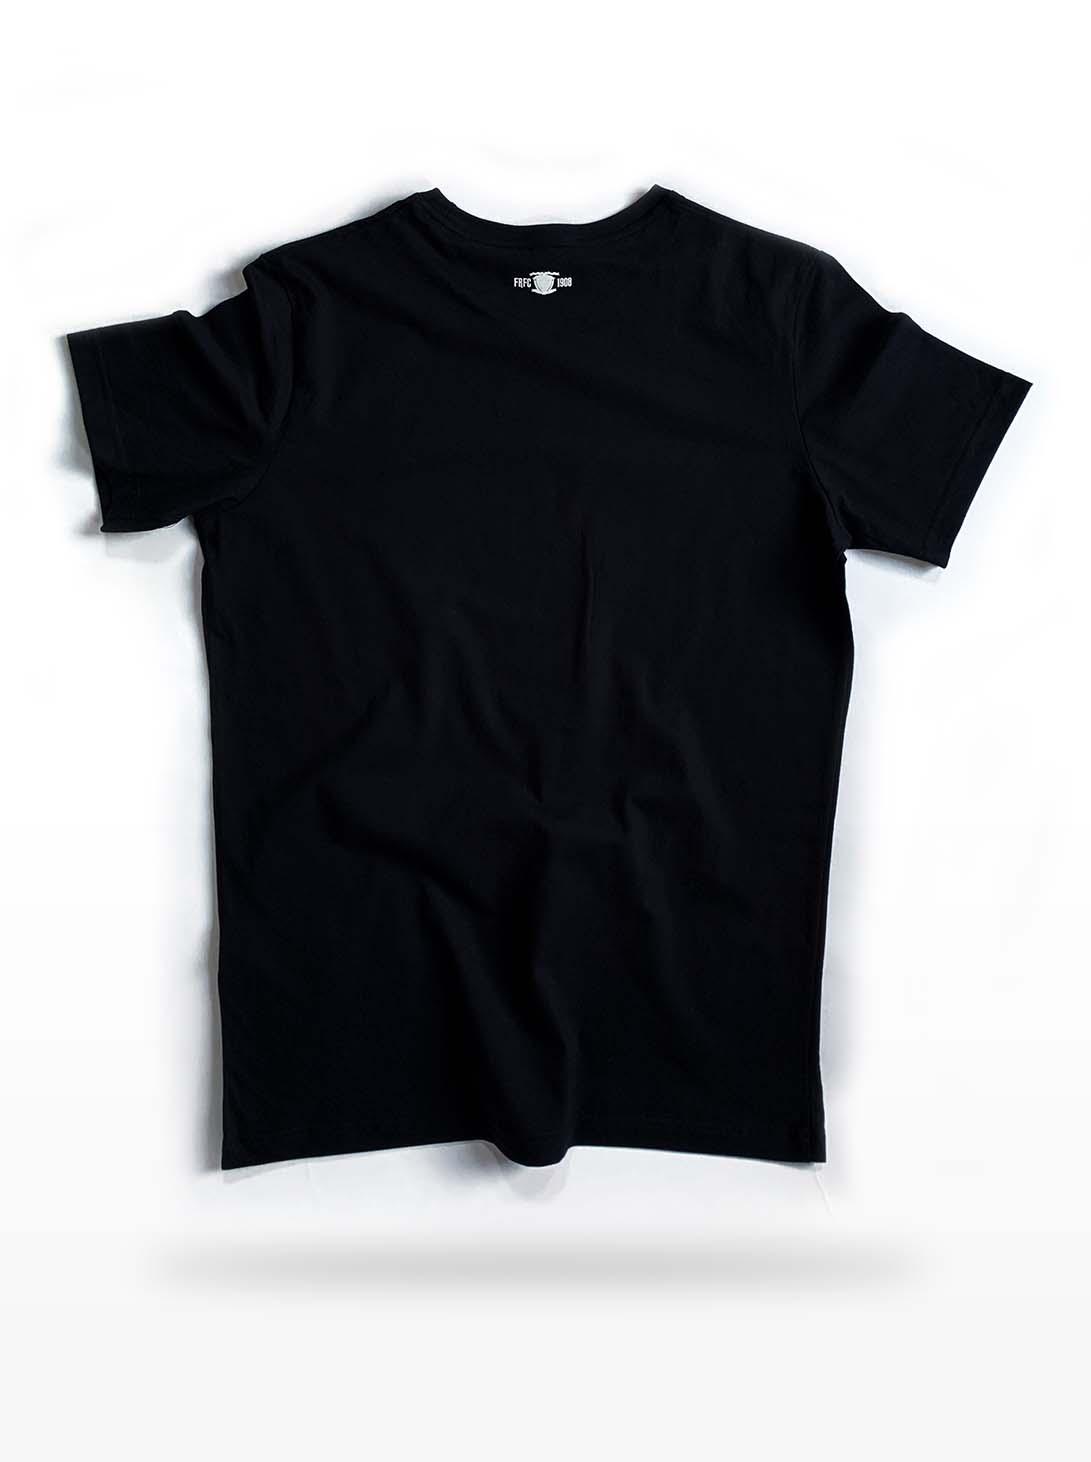 FRFC1908- Tshirt (Zwart) Achterkant